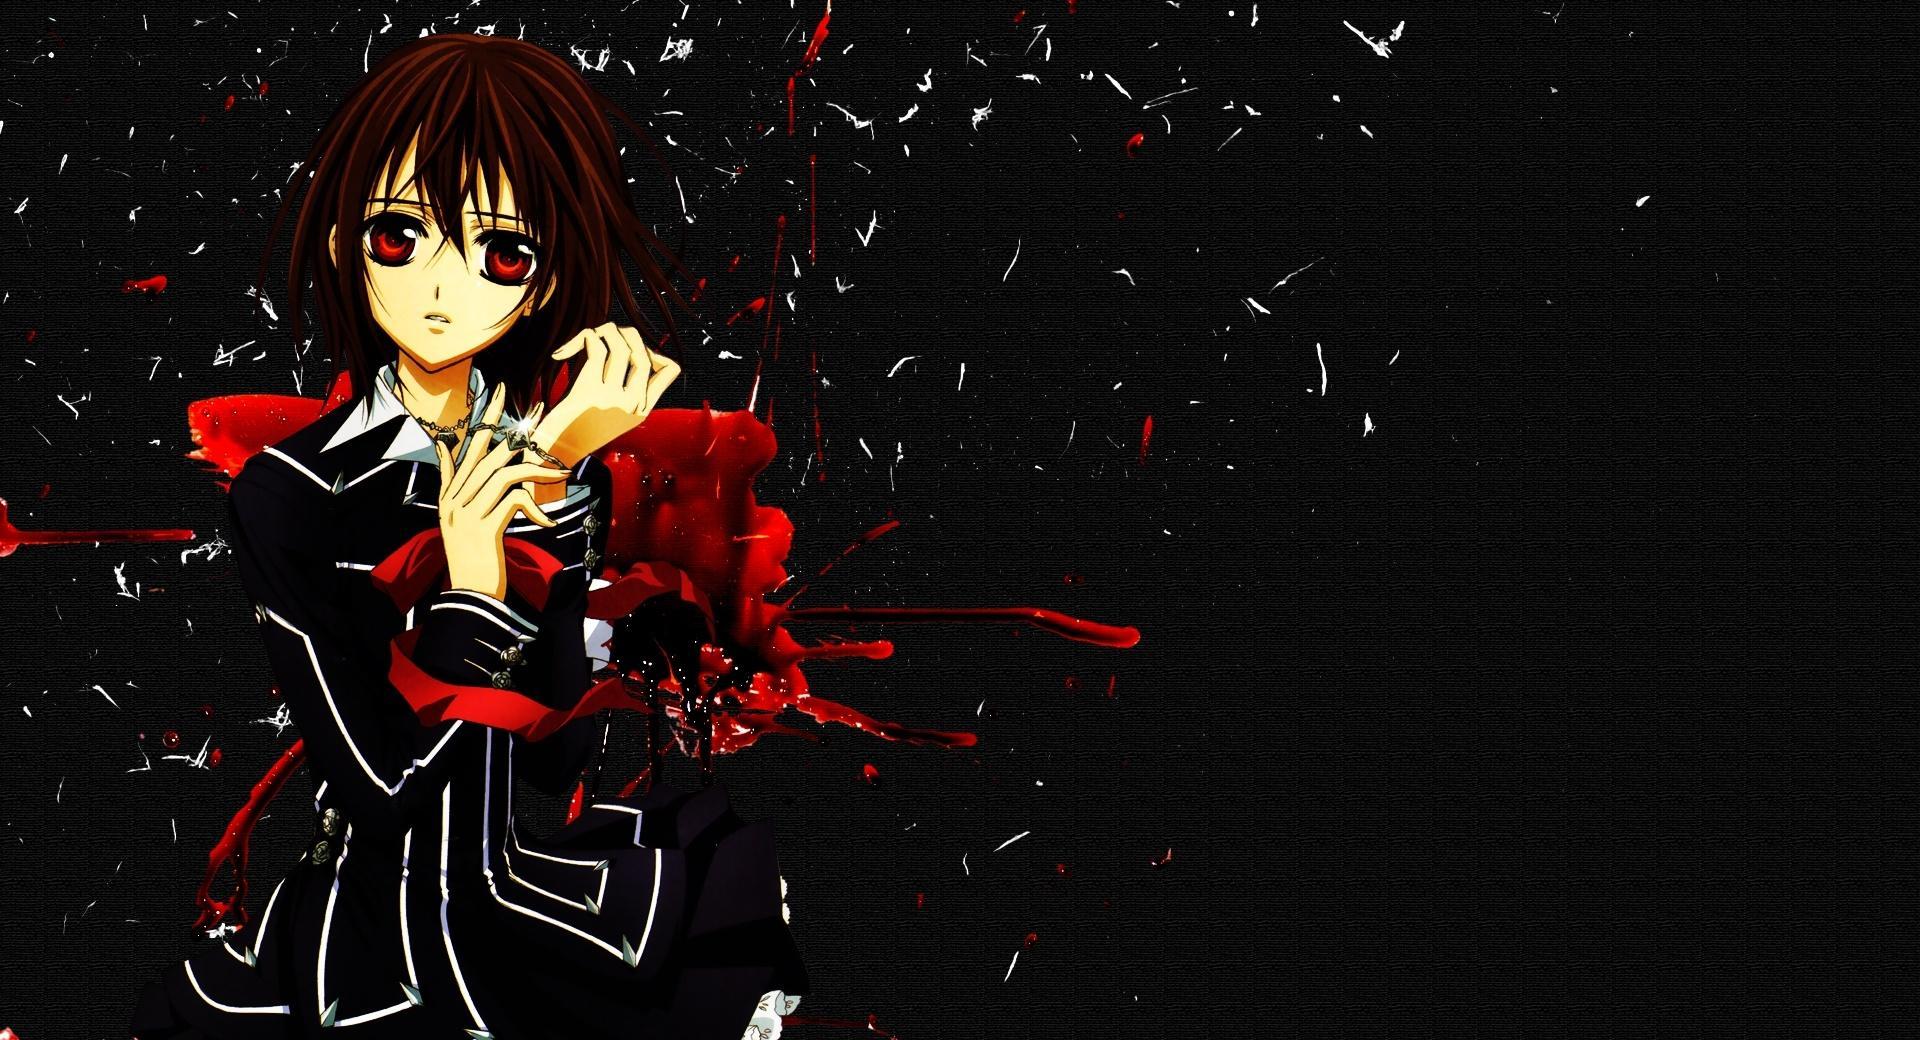 Yuki Kuran - Vampire Knight wallpapers HD quality